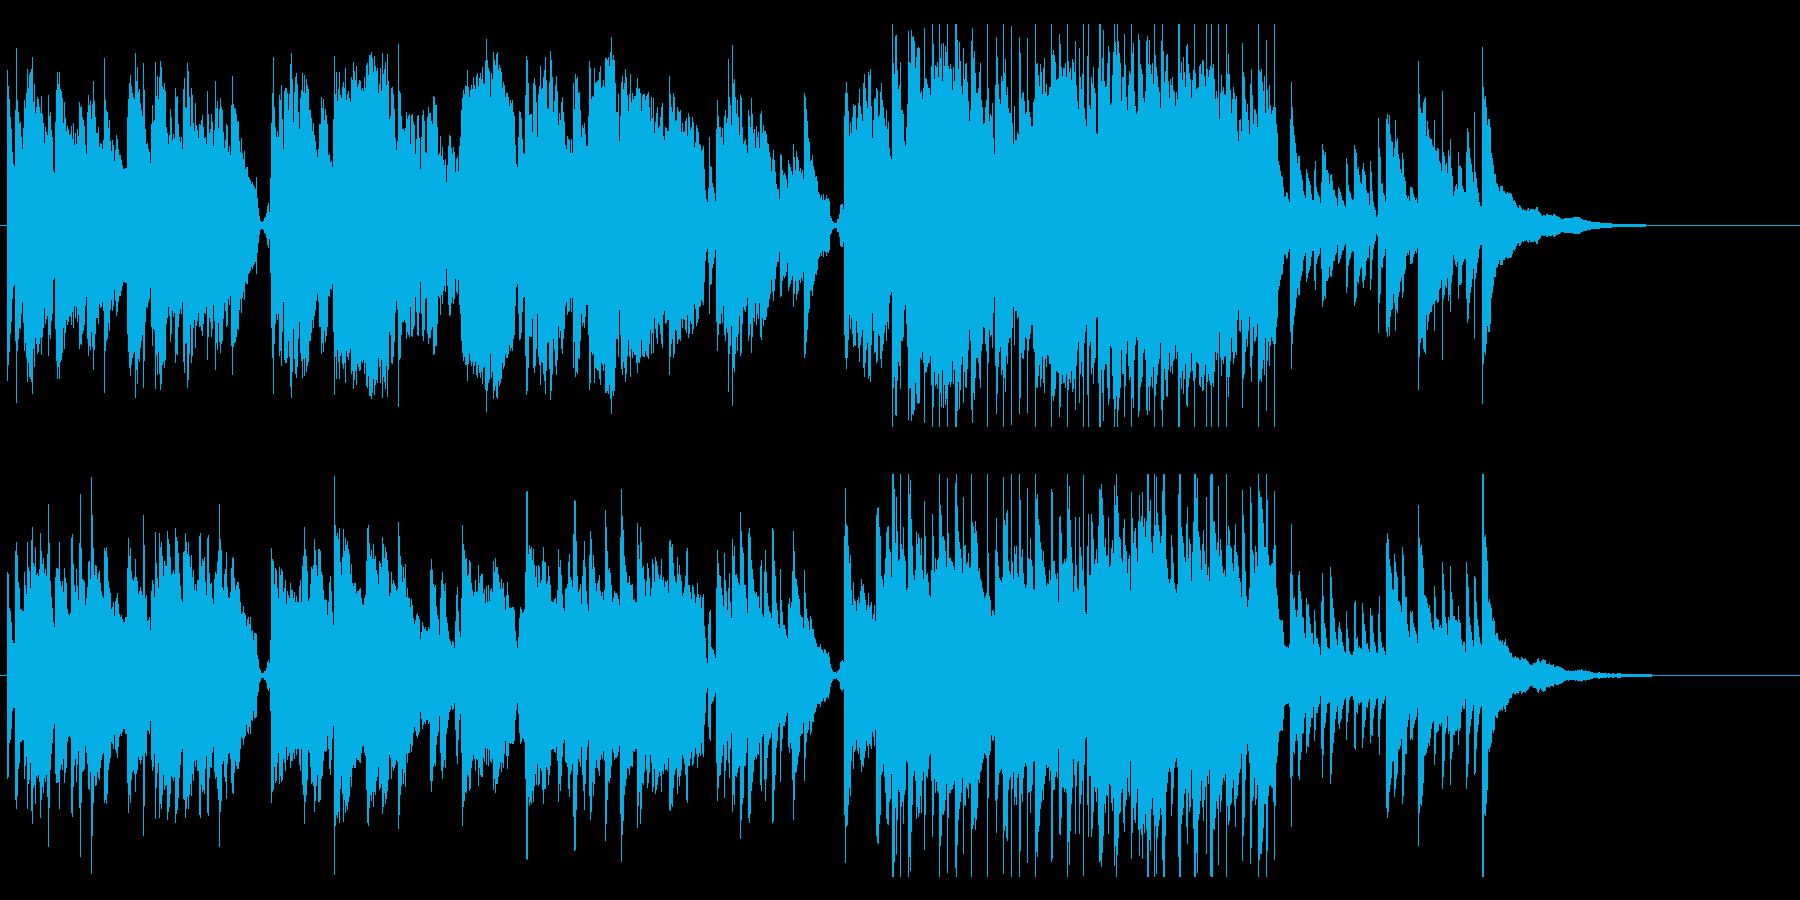 イントロが和風な雰囲気のBGMの再生済みの波形